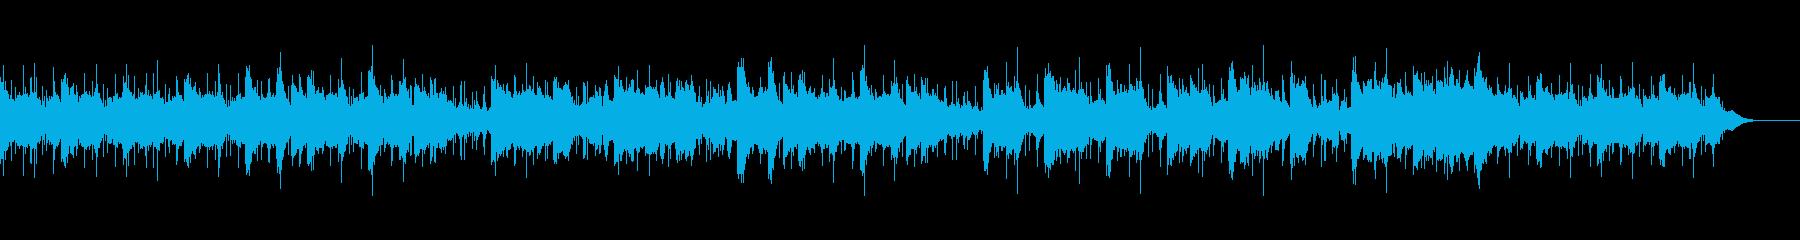 シンセと琴が織り成す禍々しいサウンドの再生済みの波形